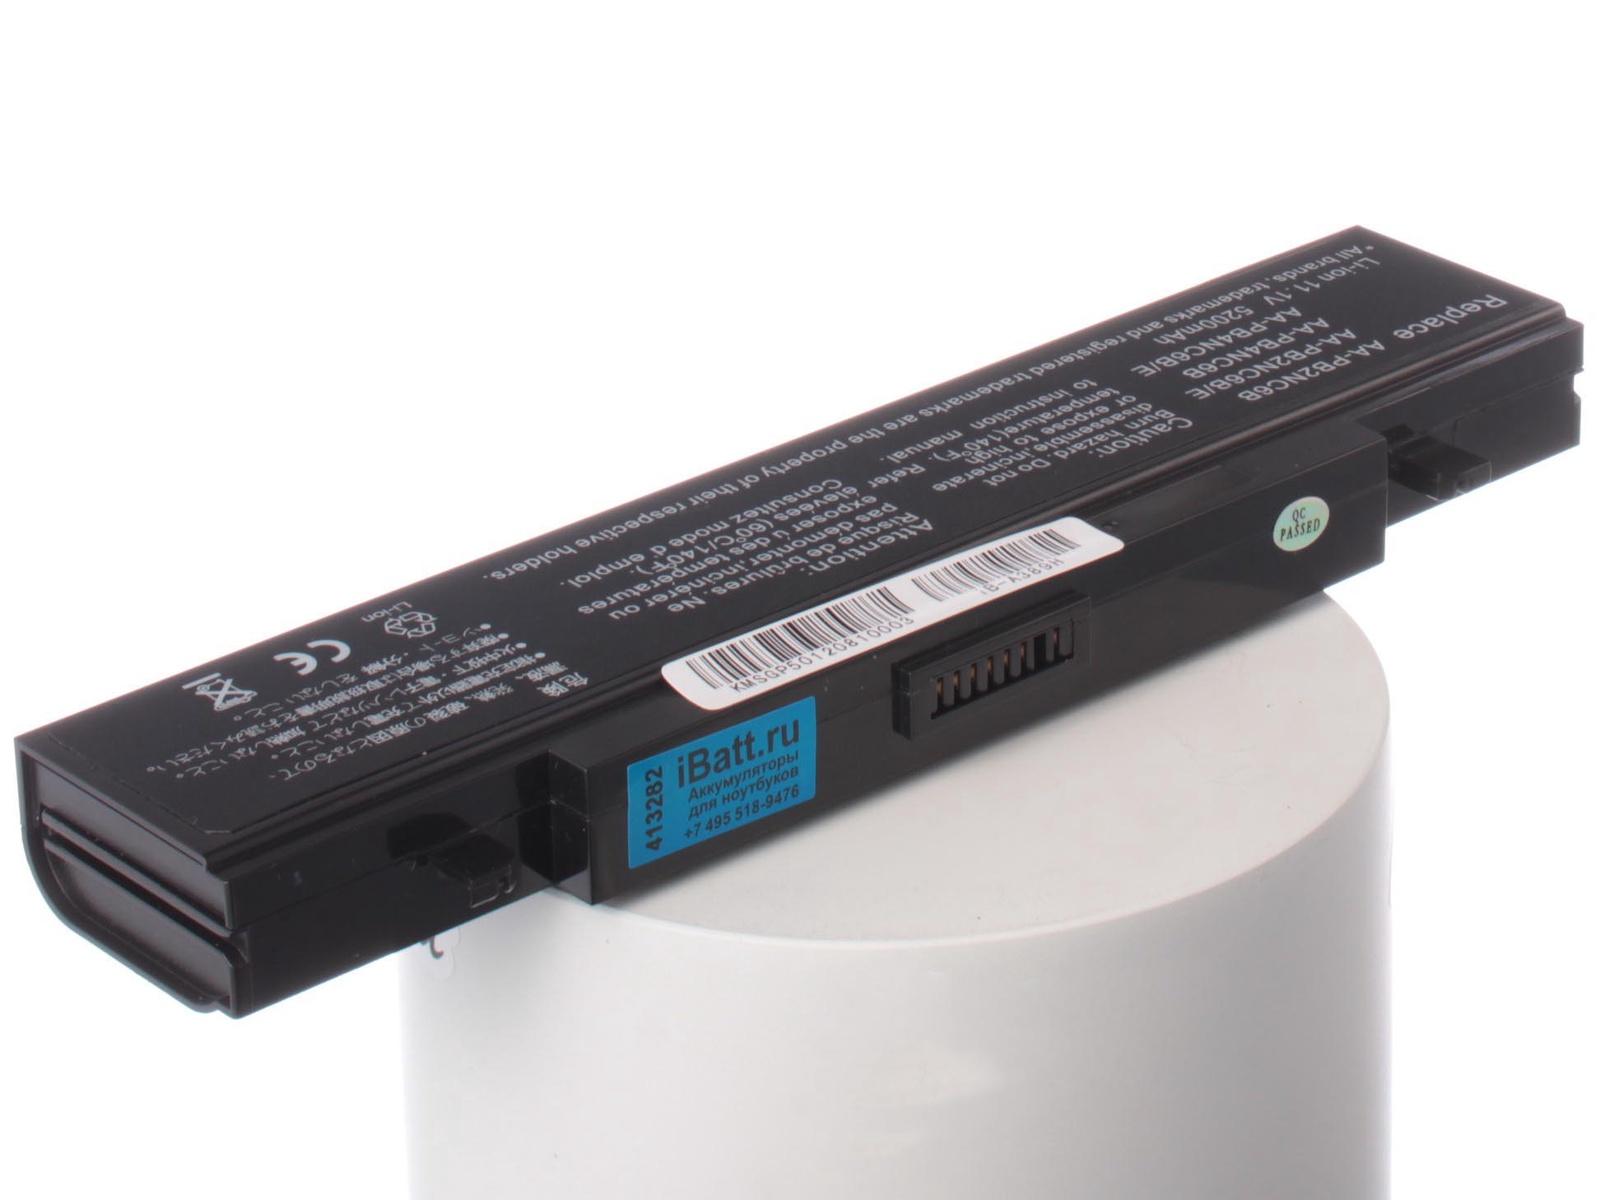 Аккумулятор для ноутбука iBatt для Samsung NP-R40 Plus, NP-R45, NP-R610, NP-R410, P50-Pro, R58 plus, R578, NP-X65, NP-R65, NP-P50, R40Plus, R60Plus, R40-K003, P50-00, NP-X60, NP-P60, R40-EL1, R65-CV03, R45 Pro, R505-FS03 np30lp original lamp with housing for nec np m332xs np m352ws np m402h and np m402x projectors projectors